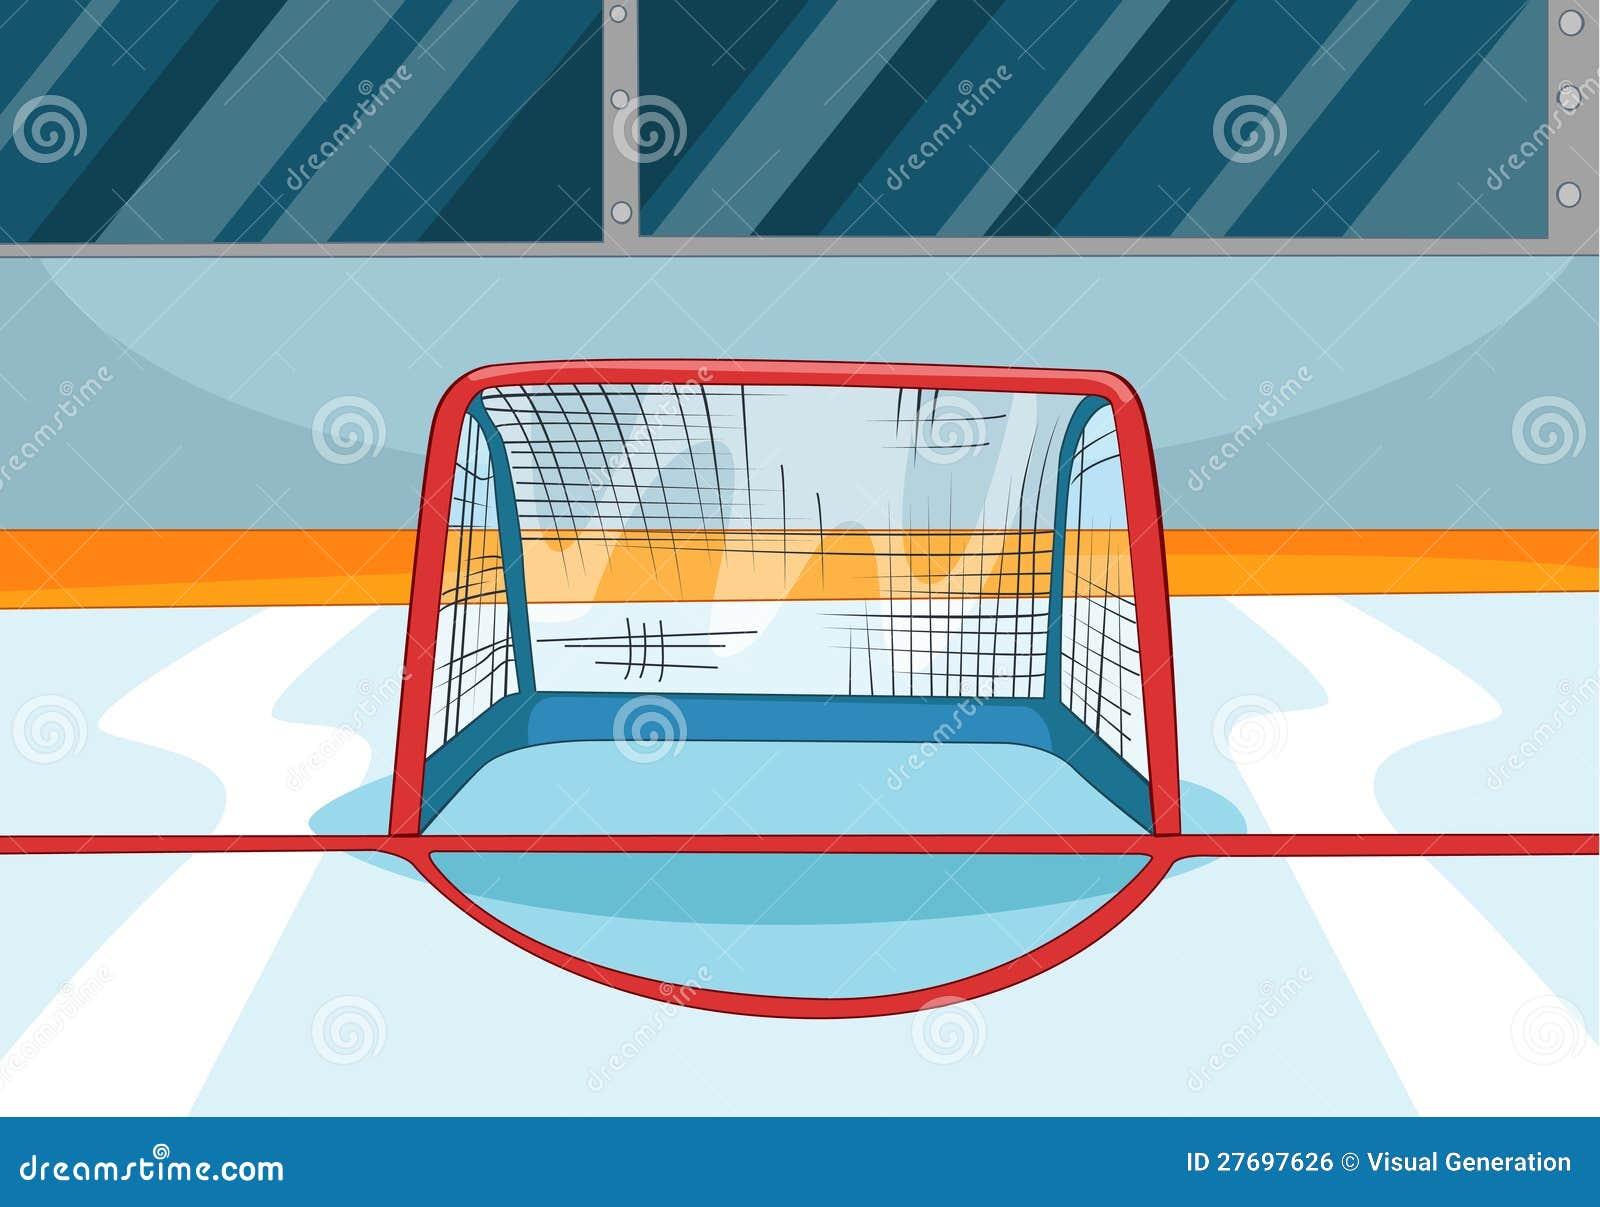 Patinoire d 39 hockey image libre de droits image 27697626 - Dessin patinoire ...